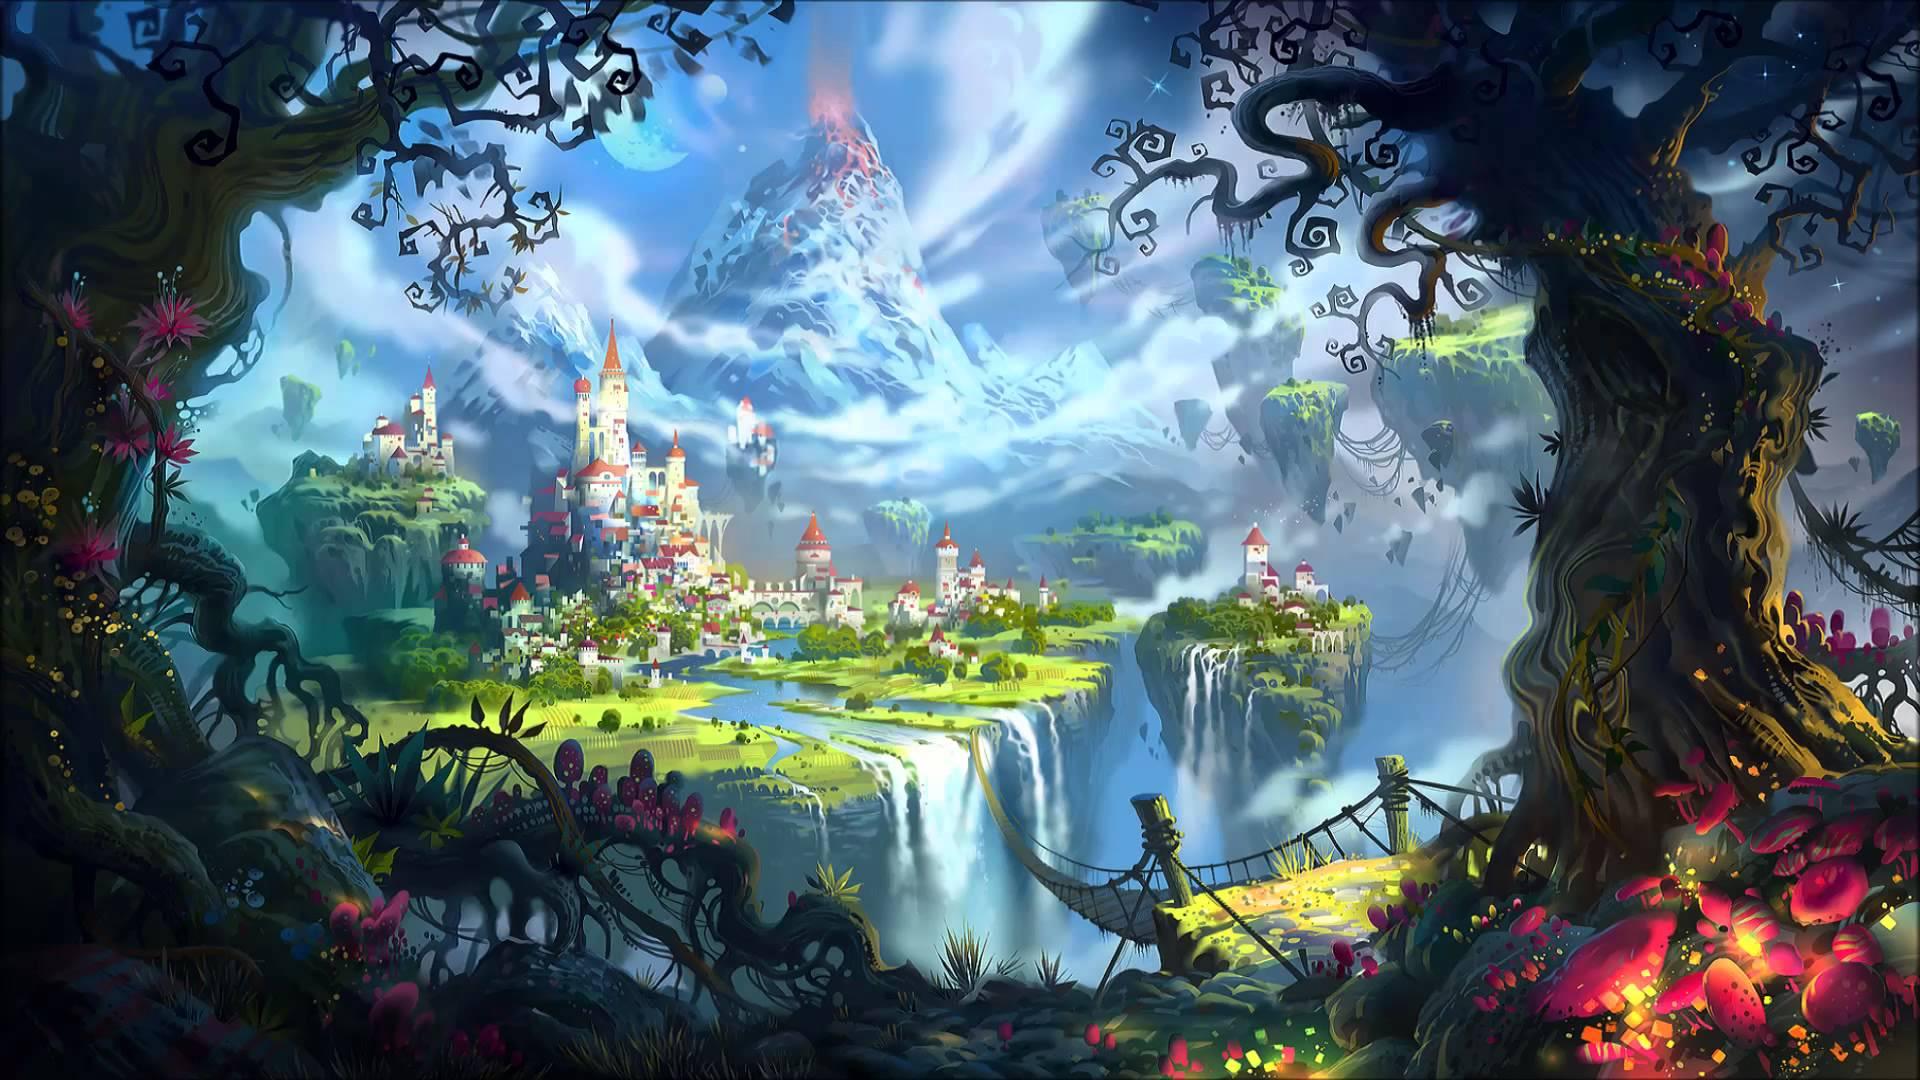 Волшебная страна сказок картинка